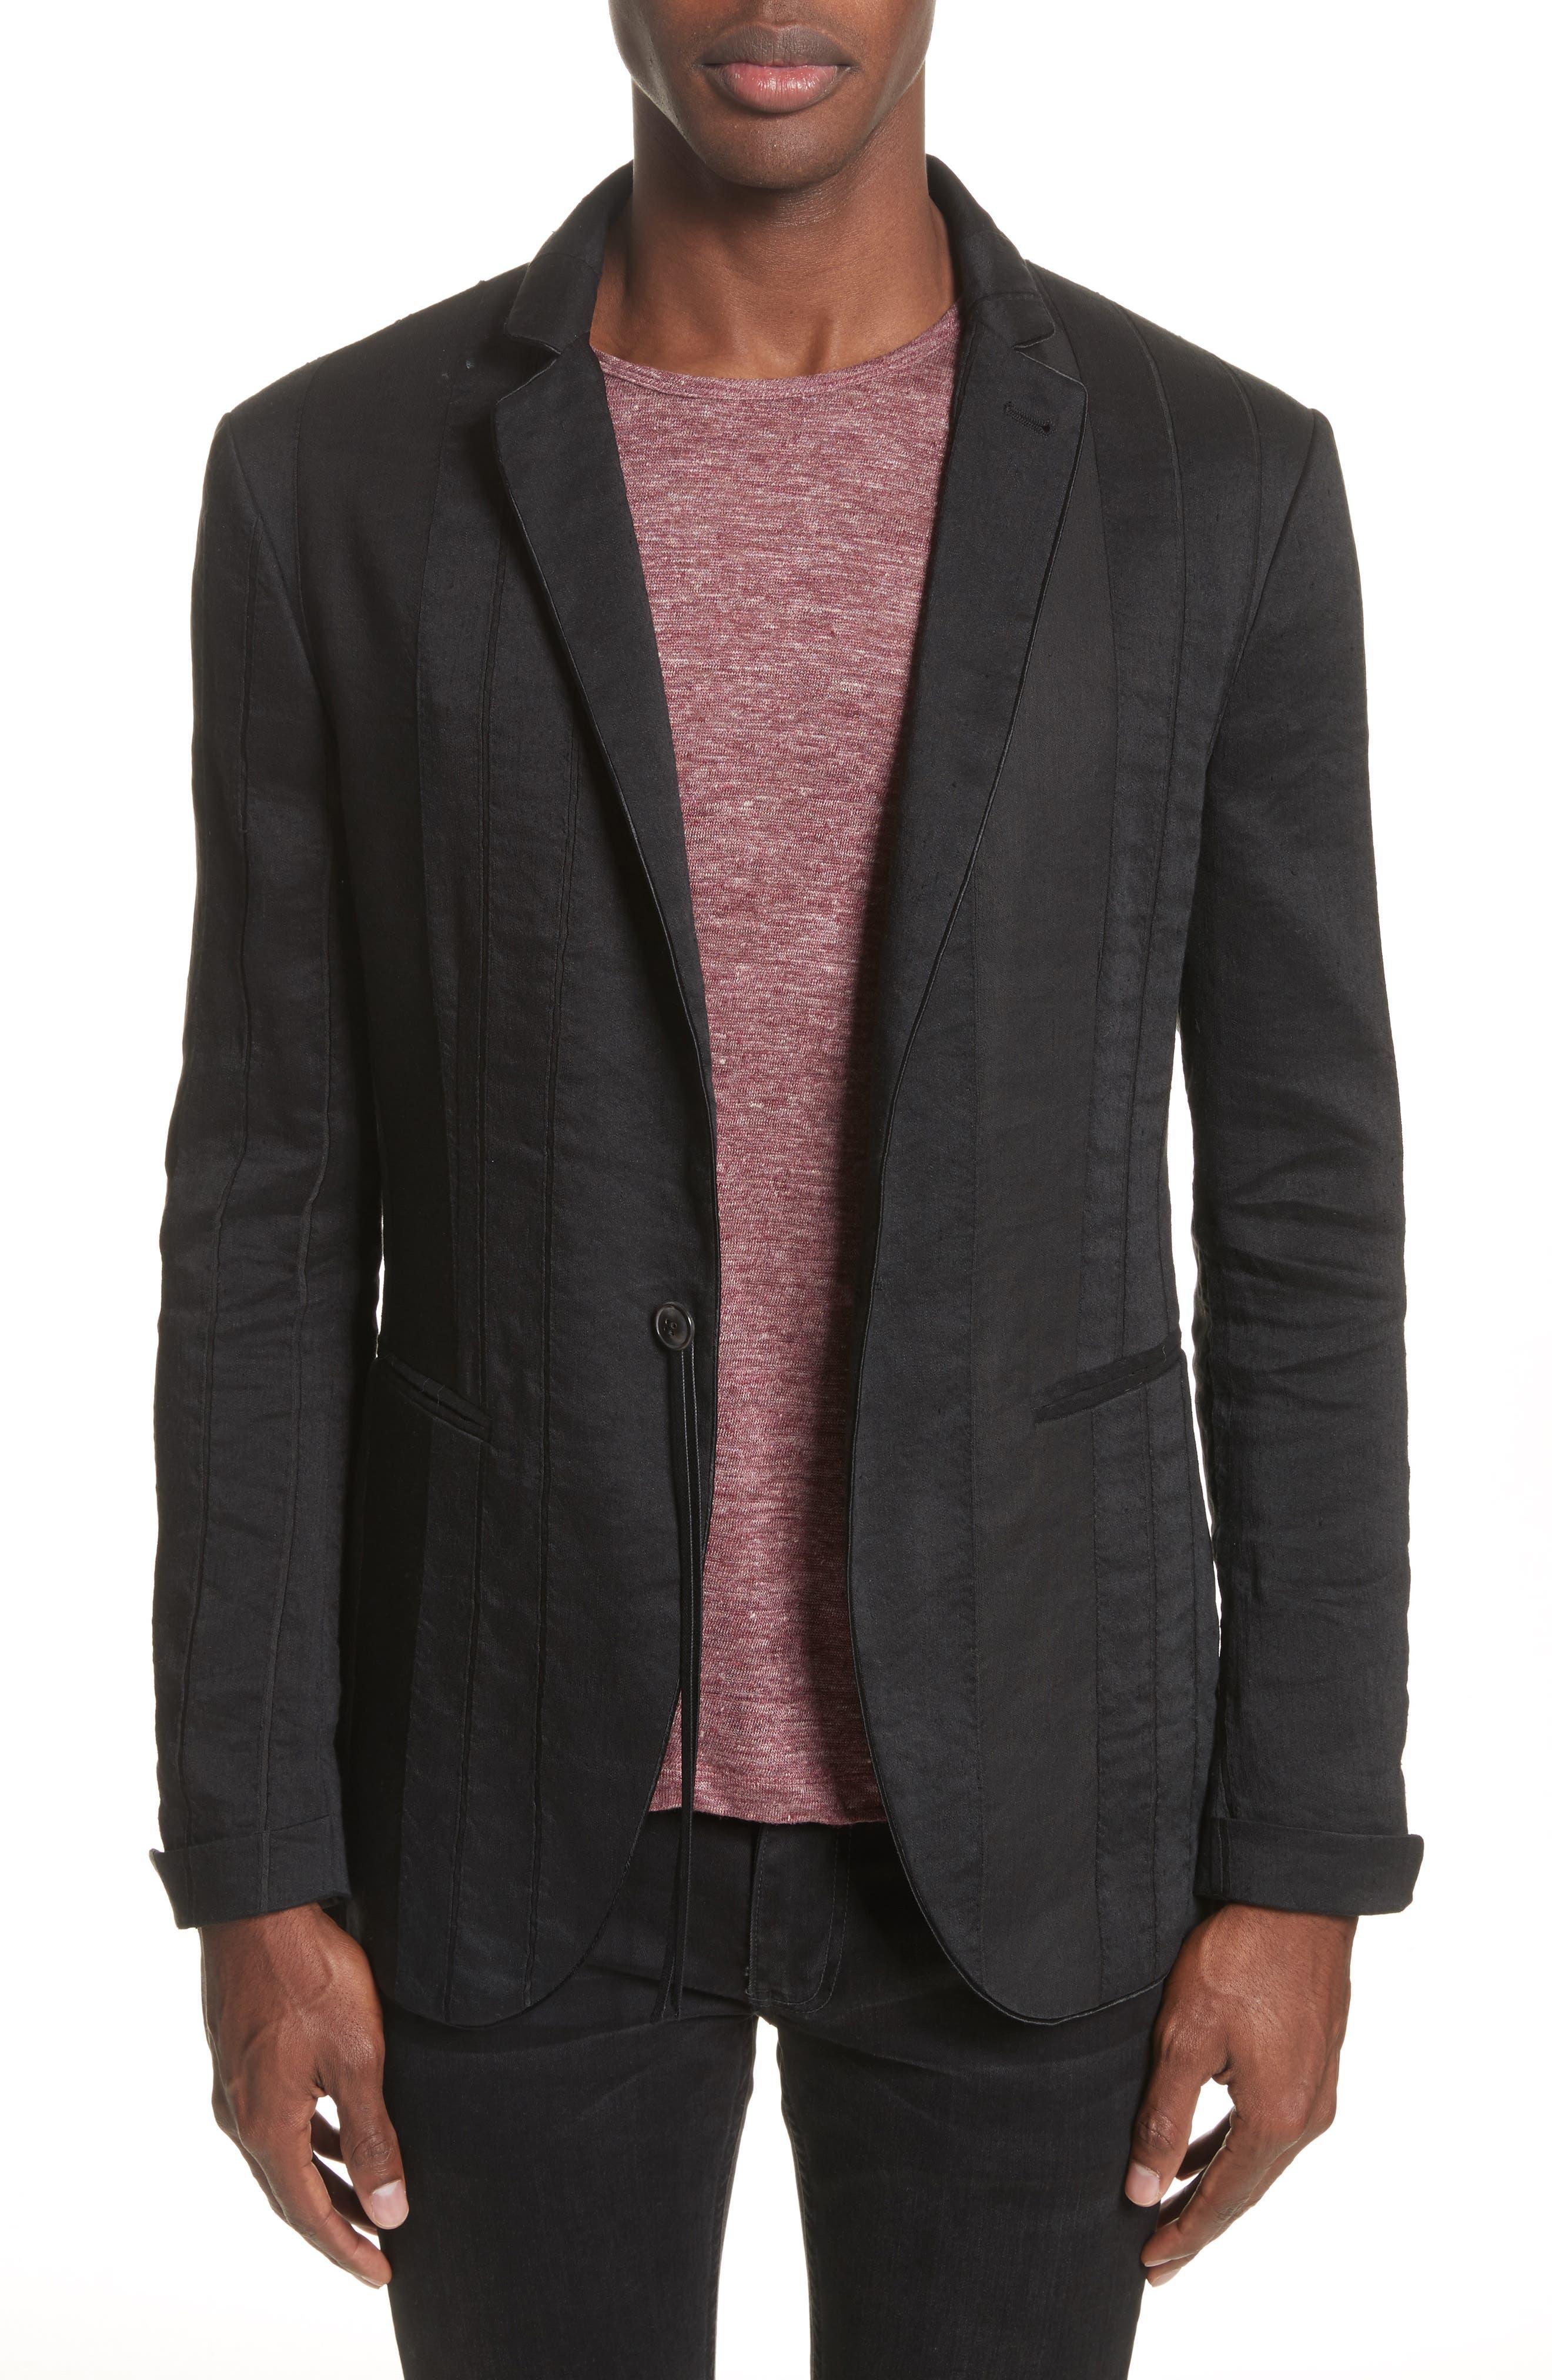 Alternate Image 1 Selected - John Varvatos Collection Slim Fit Linen Blend Blazer